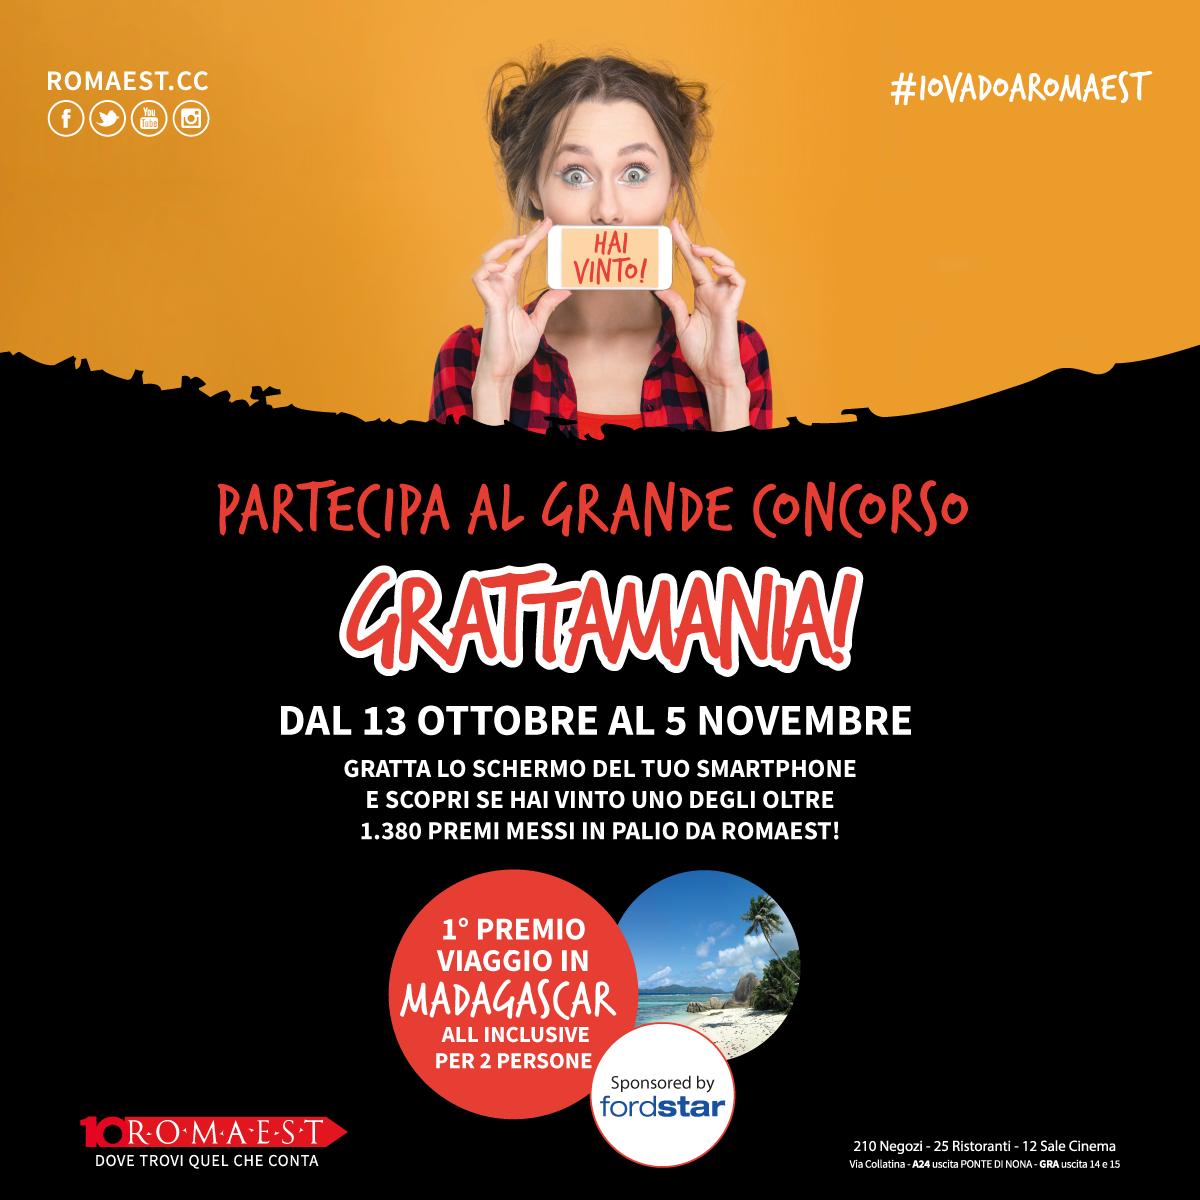 Centro commerciale roma est negozi orari di apertura e for Centro convenienza arredi roma est